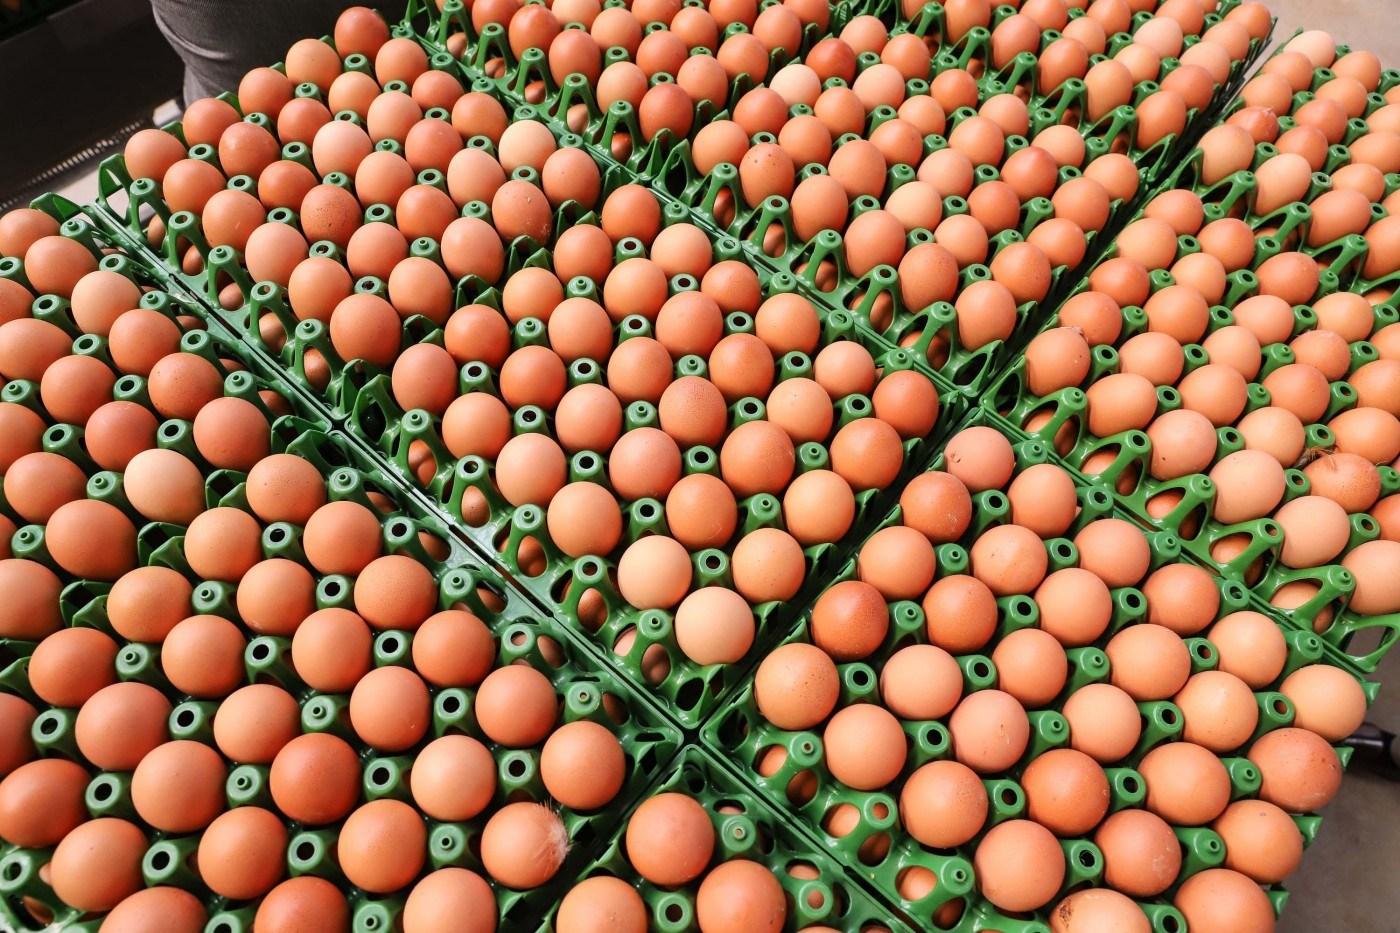 Exportações de ovos mantém alta de 145,1% no primeiro semestre de 2021